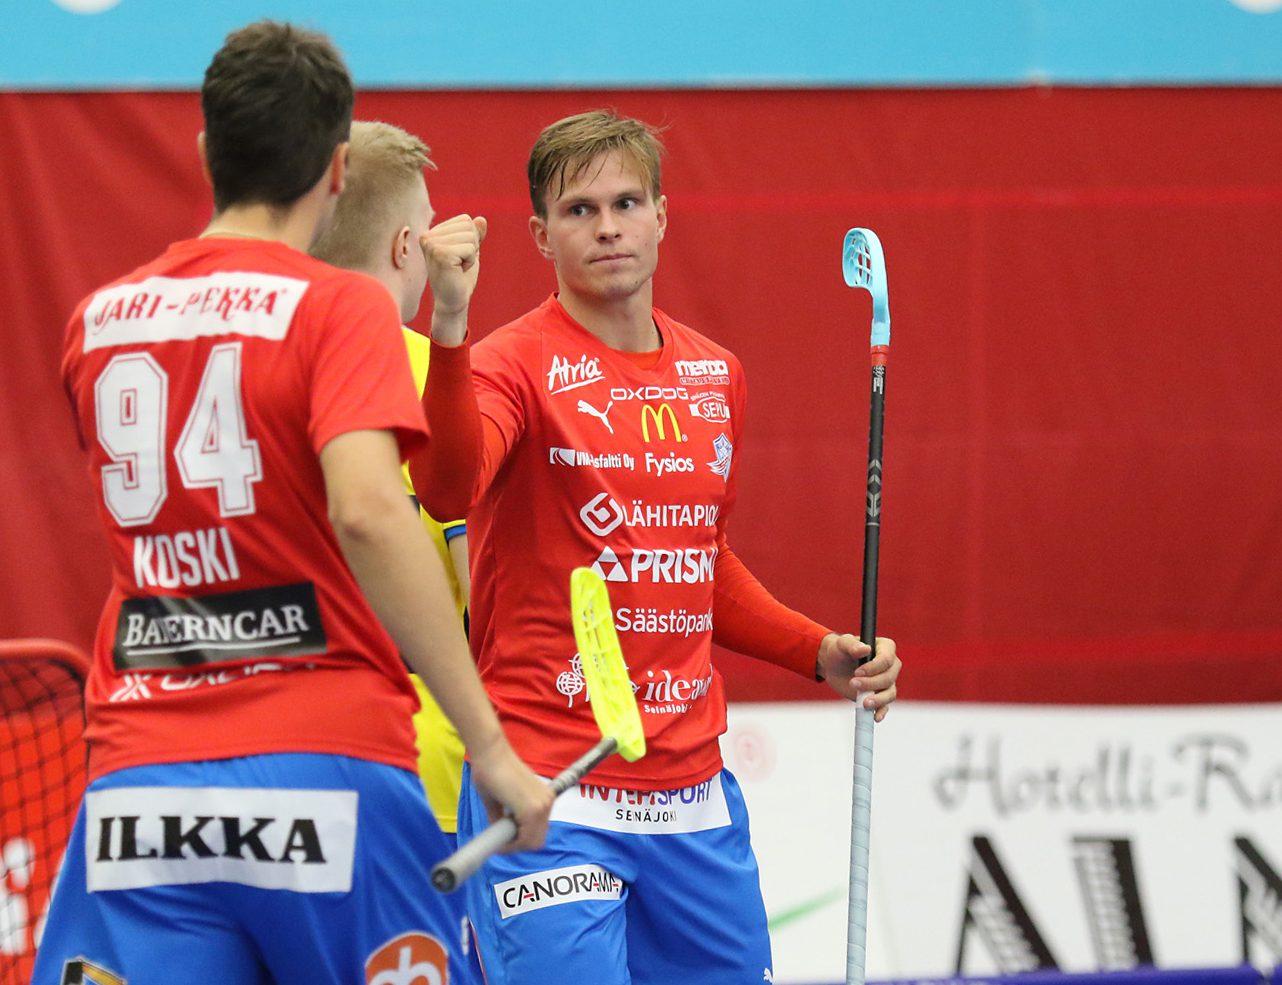 Koski ja Pelto-Arvo pääsivät tuulettamaan ottelun aikana useampaan otteeseen.